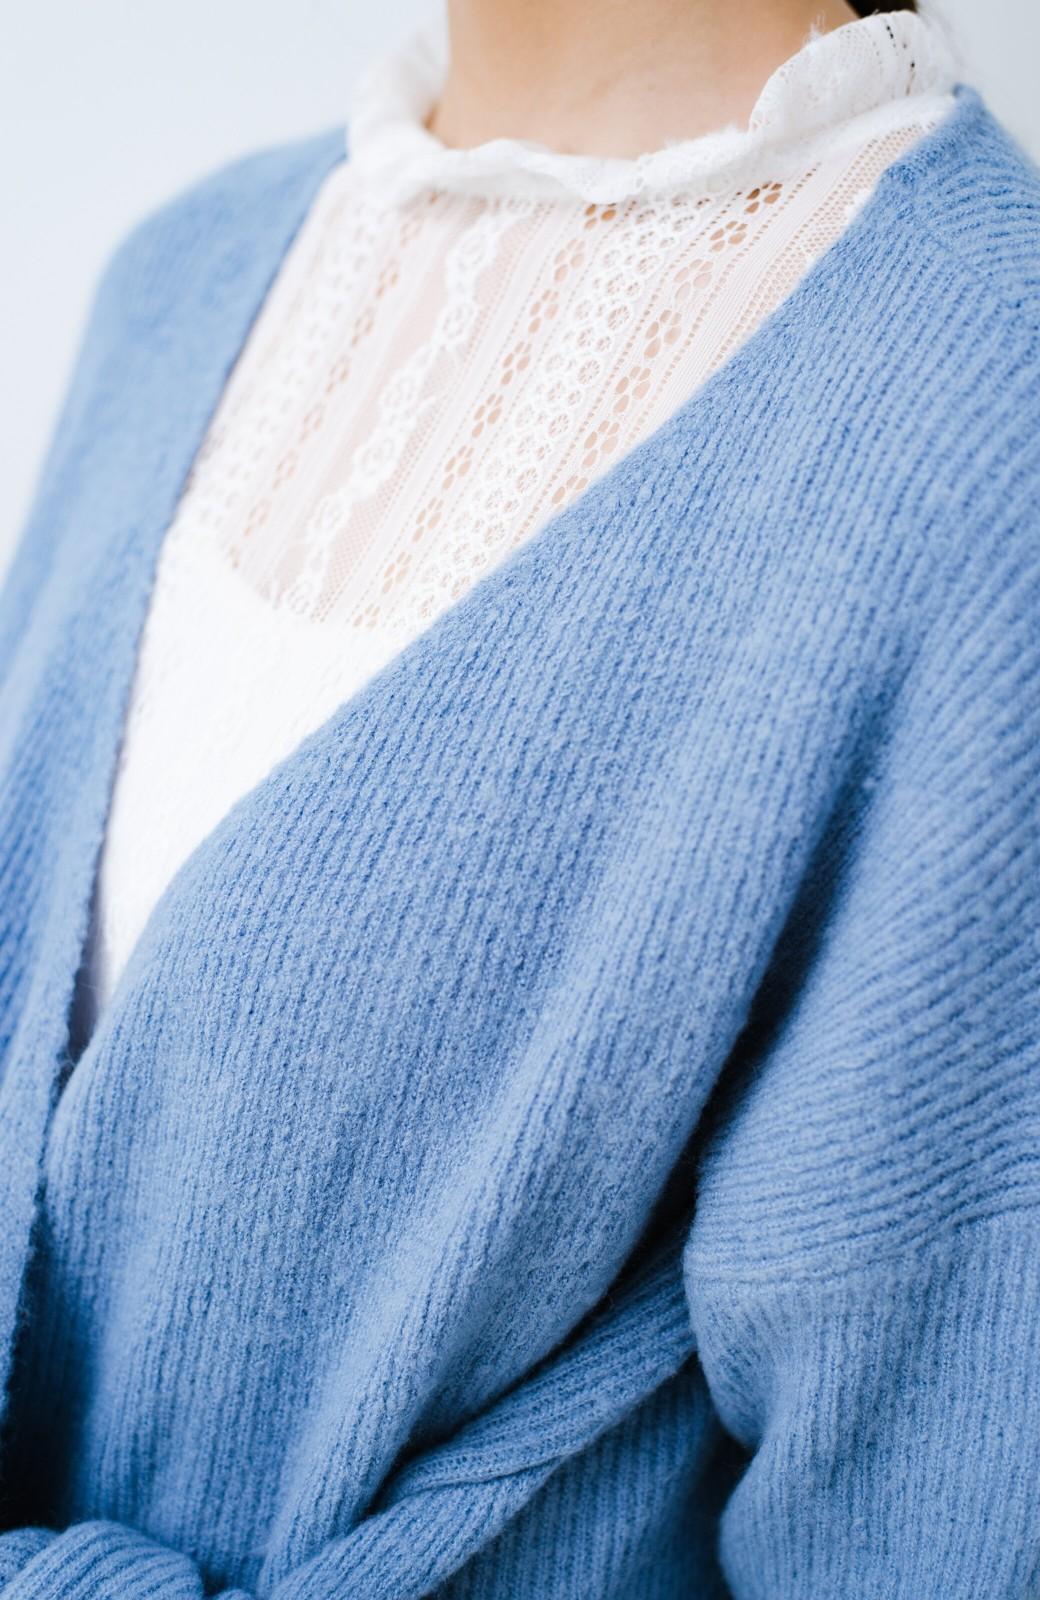 haco! さりげなく今っぽ&女っぽが叶う 変わりカシュクールニット <グレイッシュブルー>の商品写真4